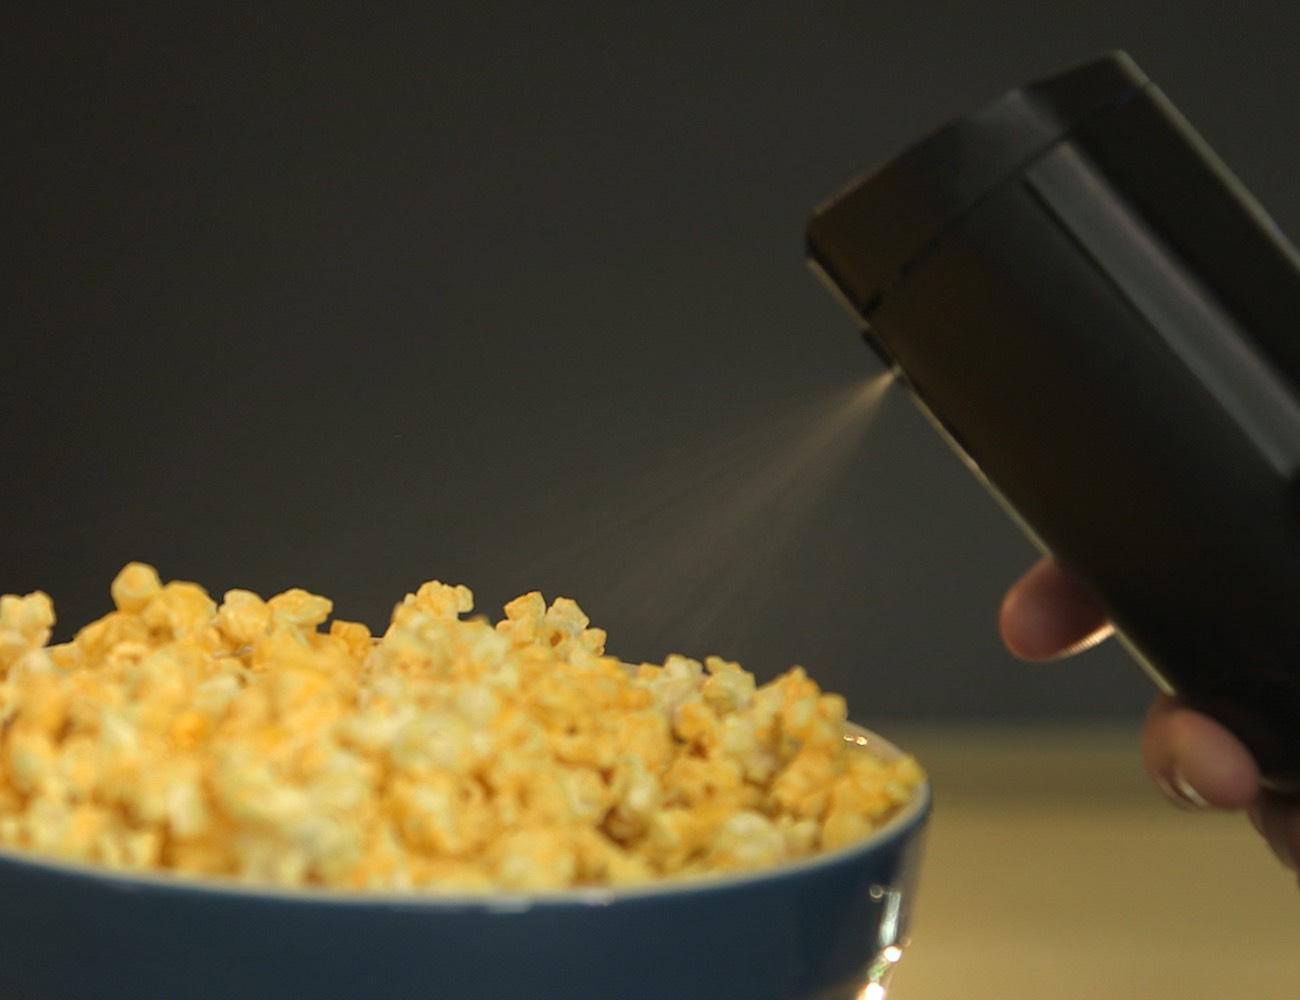 The biem Butter Sprayer